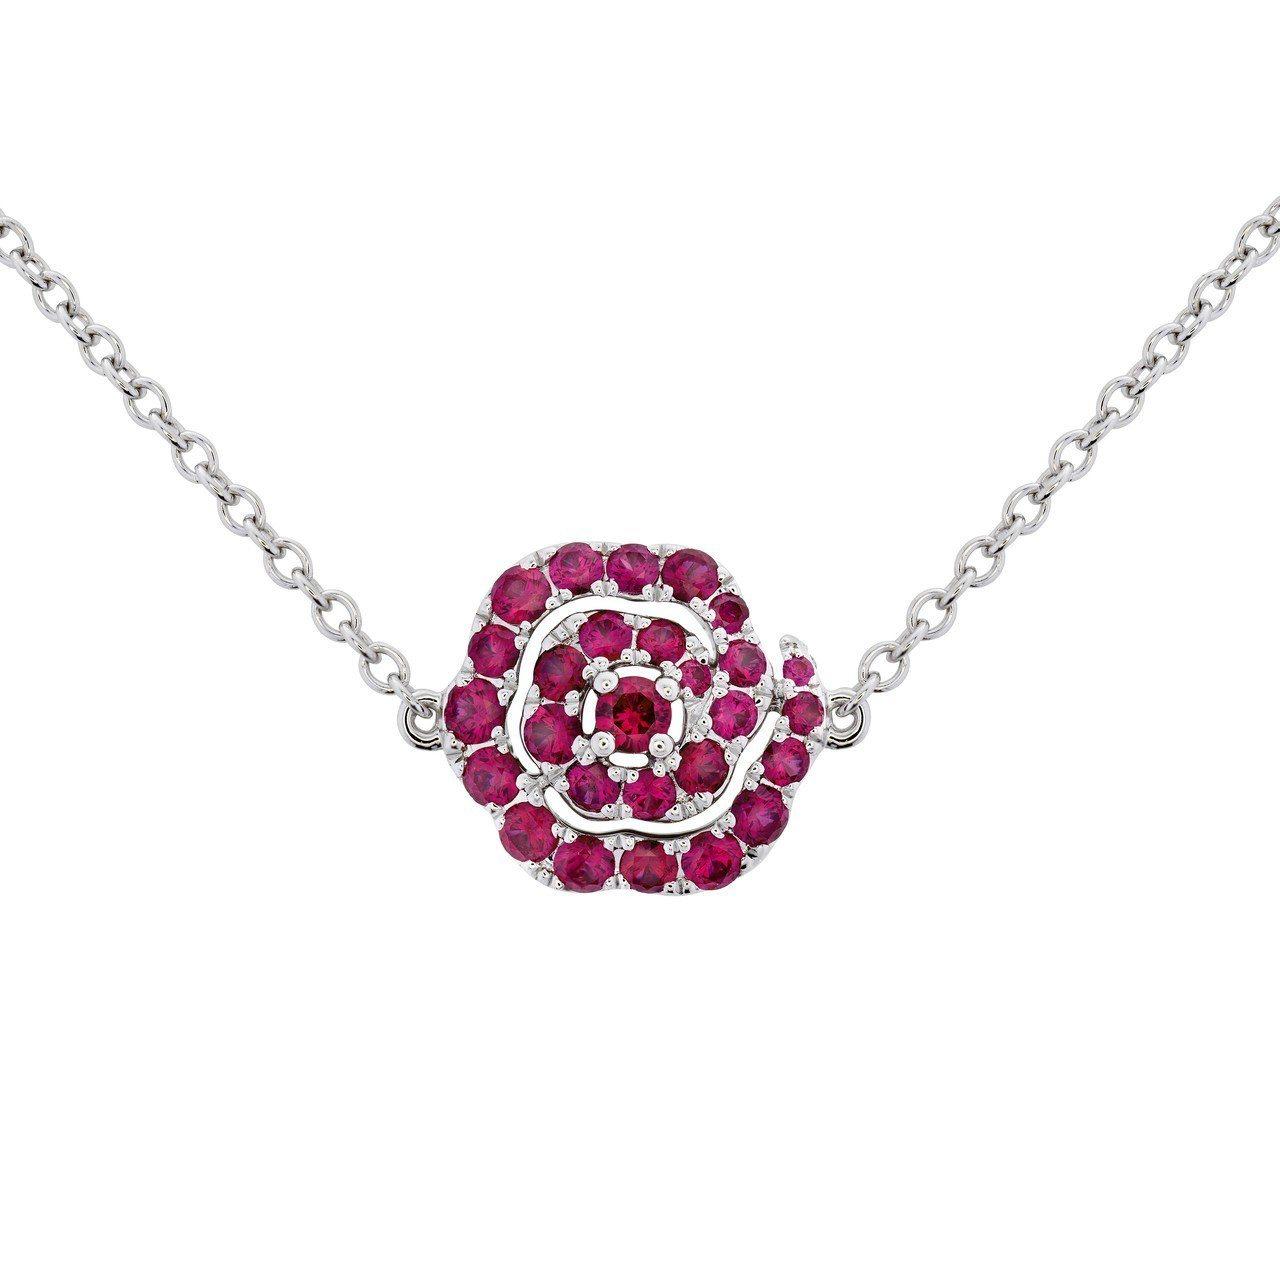 LORELEI慈善珠寶系列長項鍊採可翻轉式設計,正面鑲嵌HEARTS ON FI...